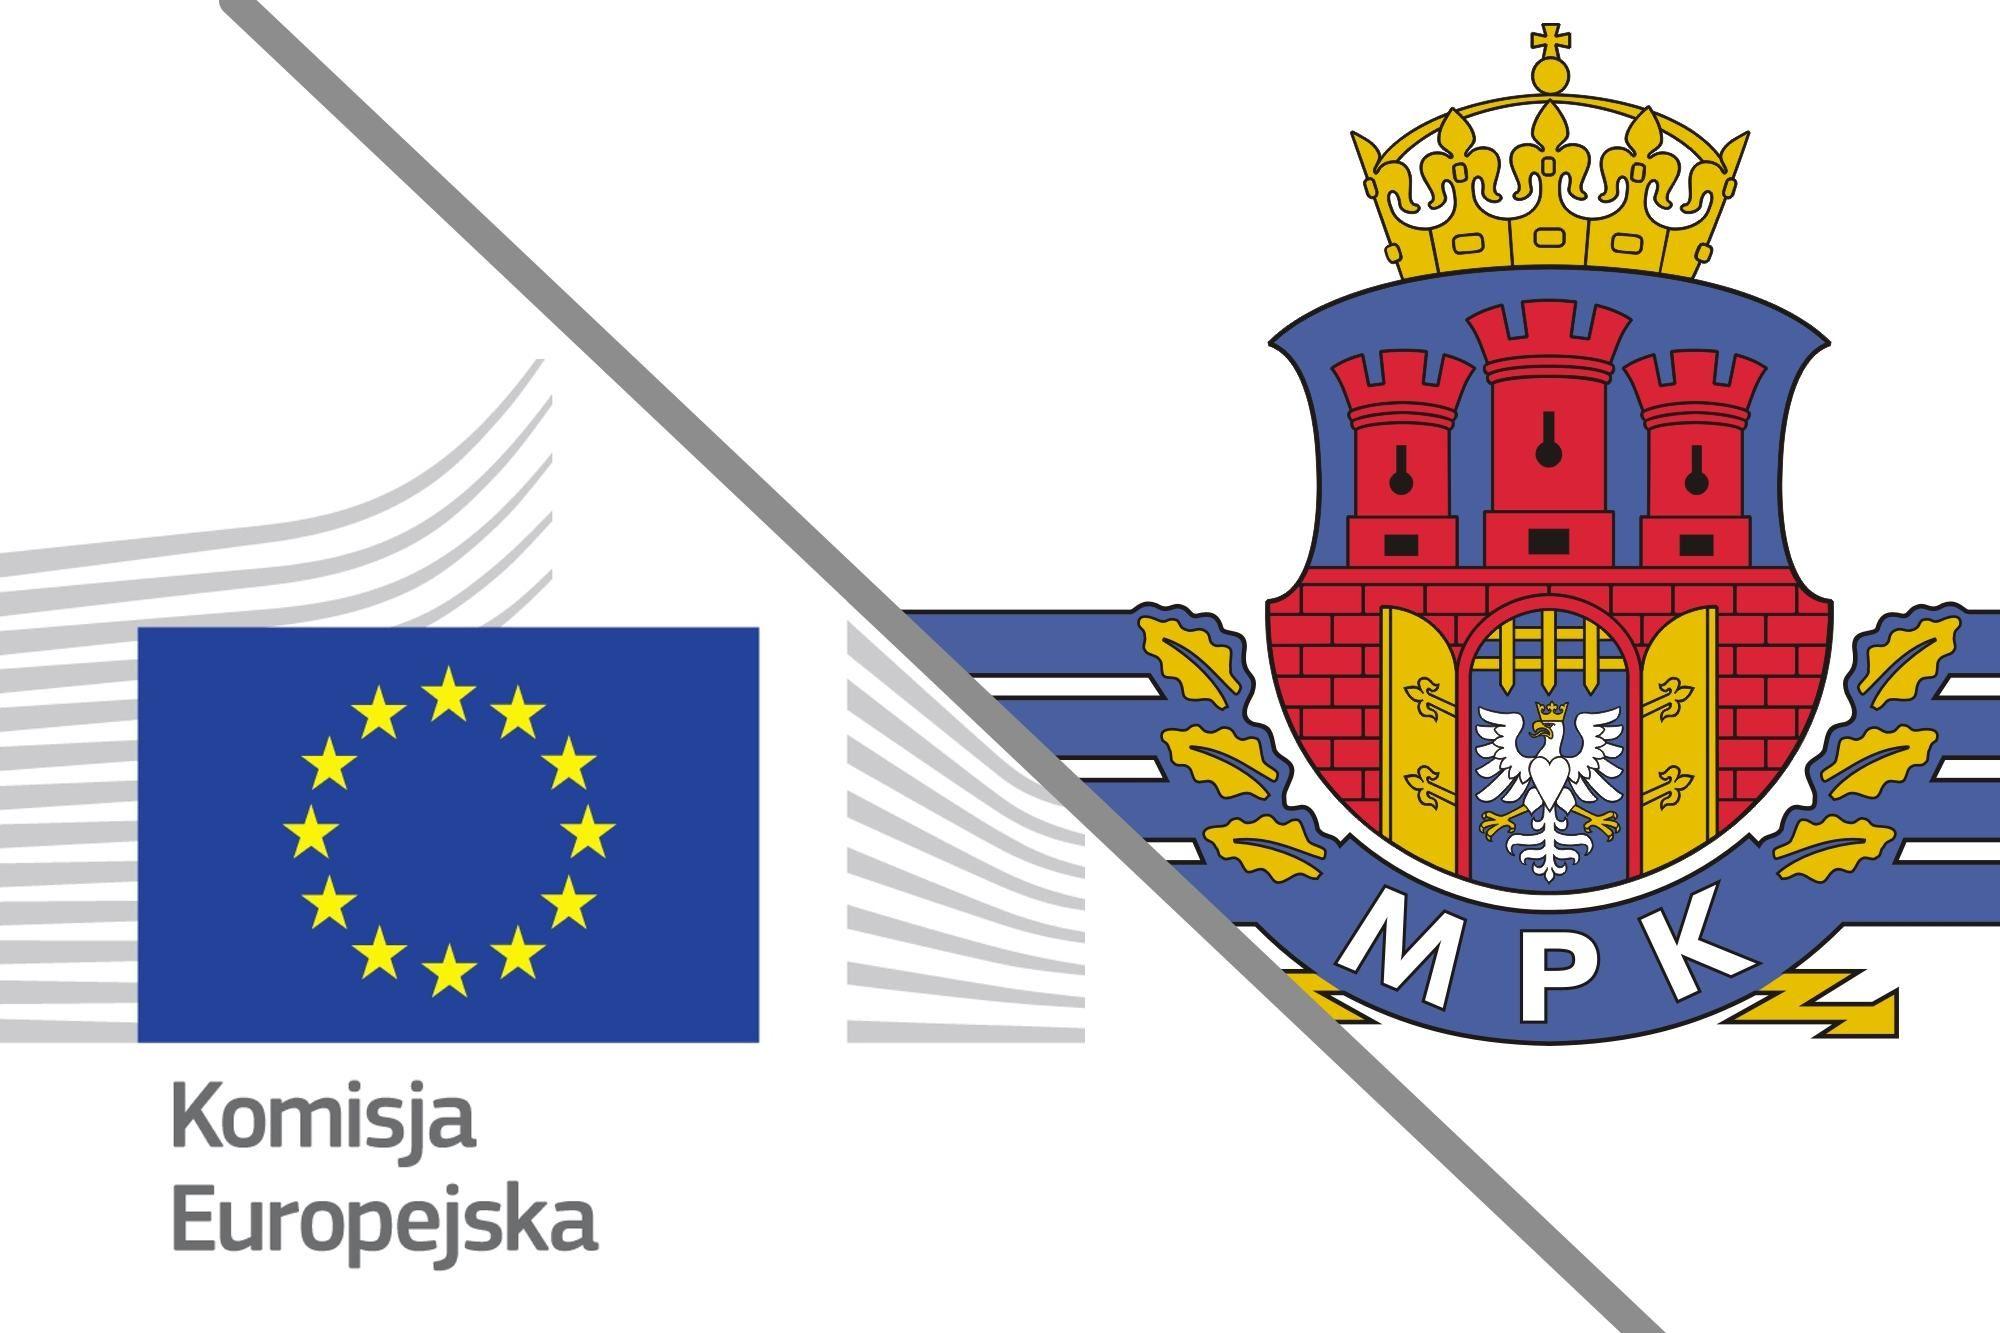 #ETZT Europejski Tydzień Zrównoważonego Transportu Europejski Dzień bez Samochodu 16-22 września 2015 r.